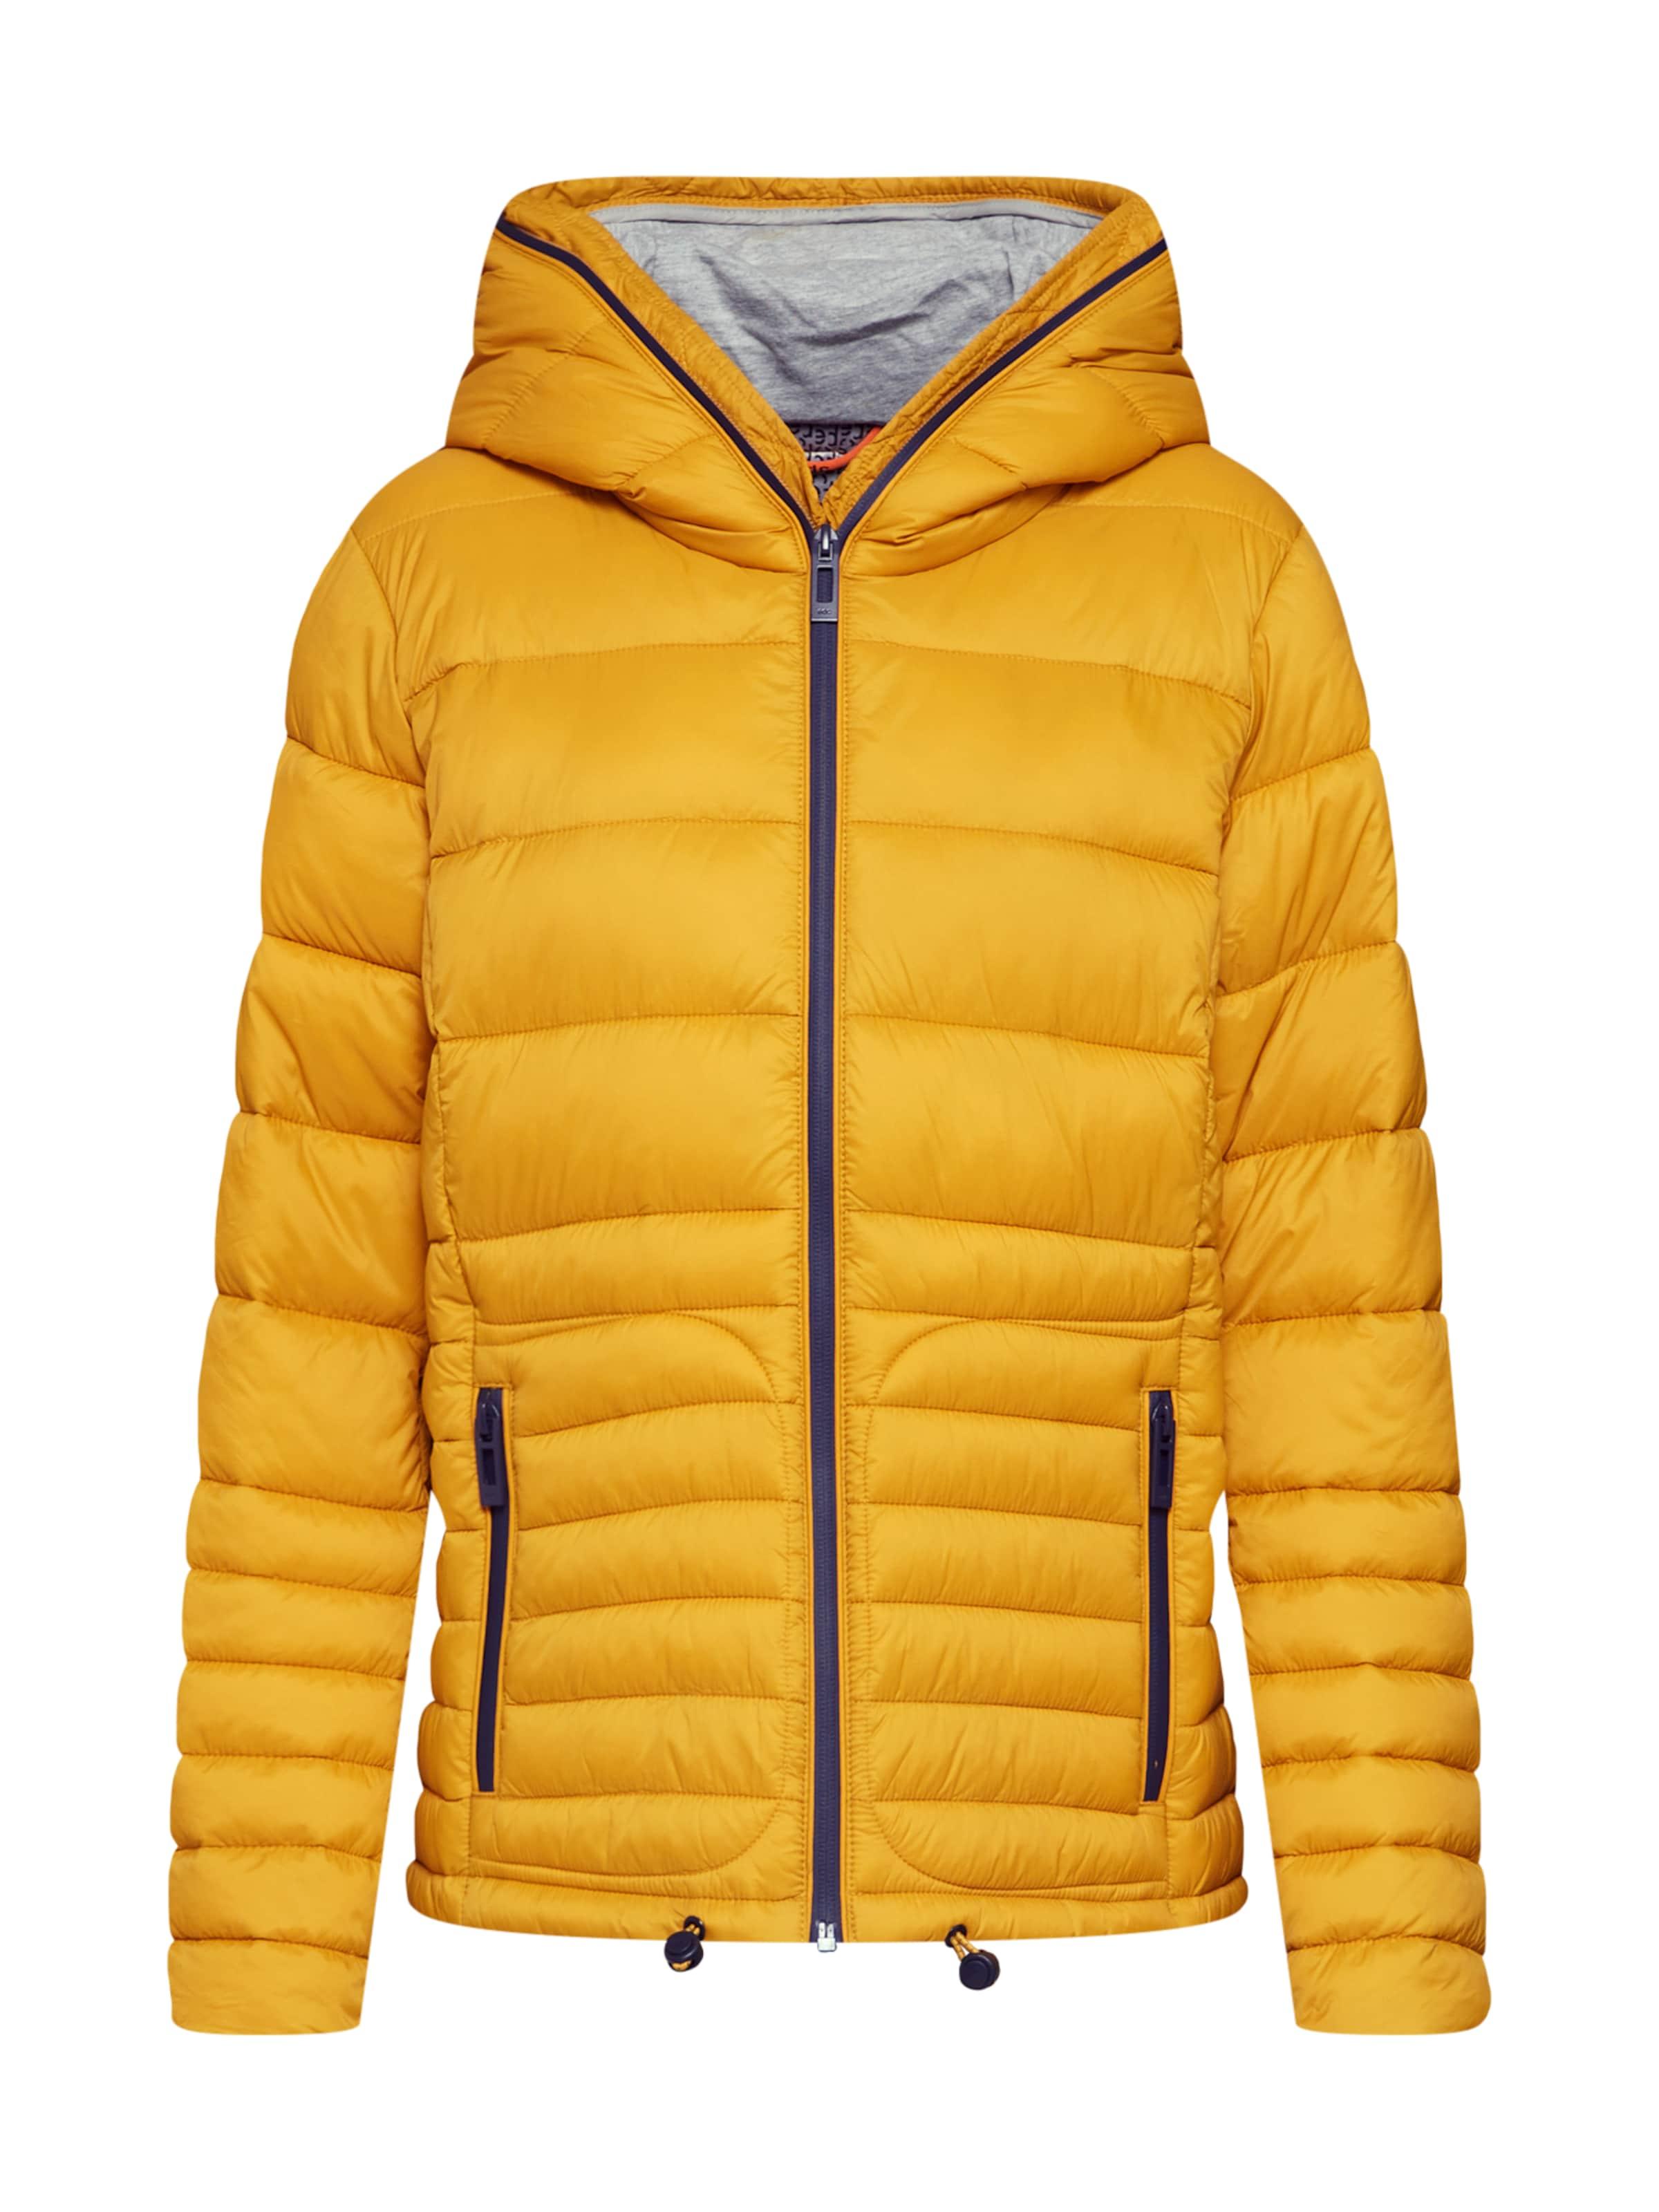 By '3m Thinsulate' Gelb Esprit Edc In Jacke BoWedrxC